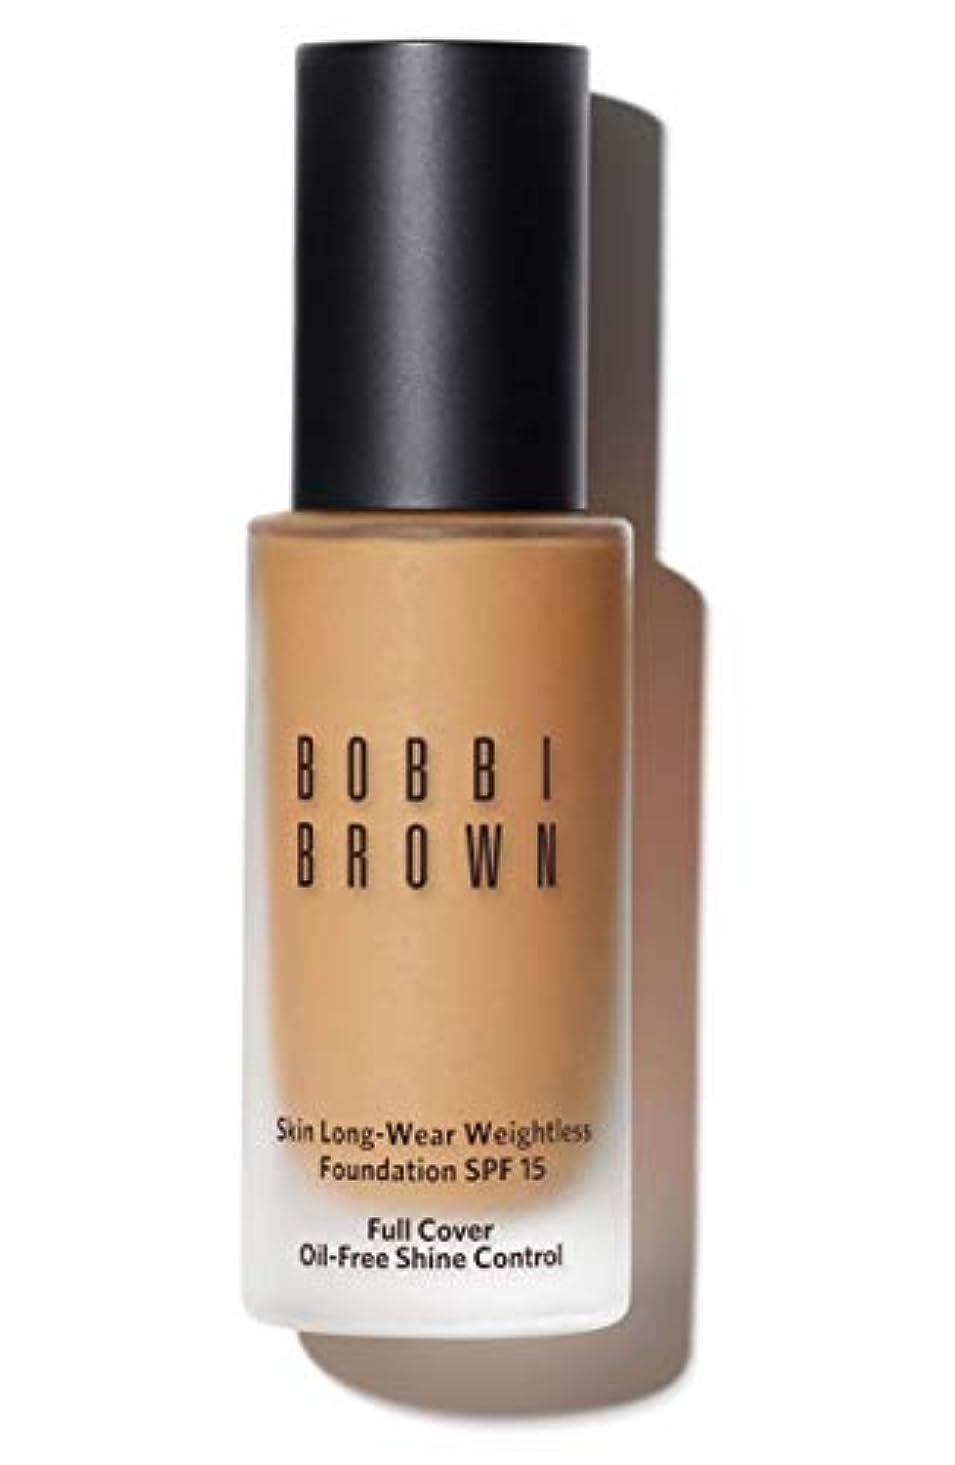 ポイントひいきにする断片ボビイ ブラウン Skin Long Wear Weightless Foundation SPF 15 - # Beige 30ml/1oz並行輸入品